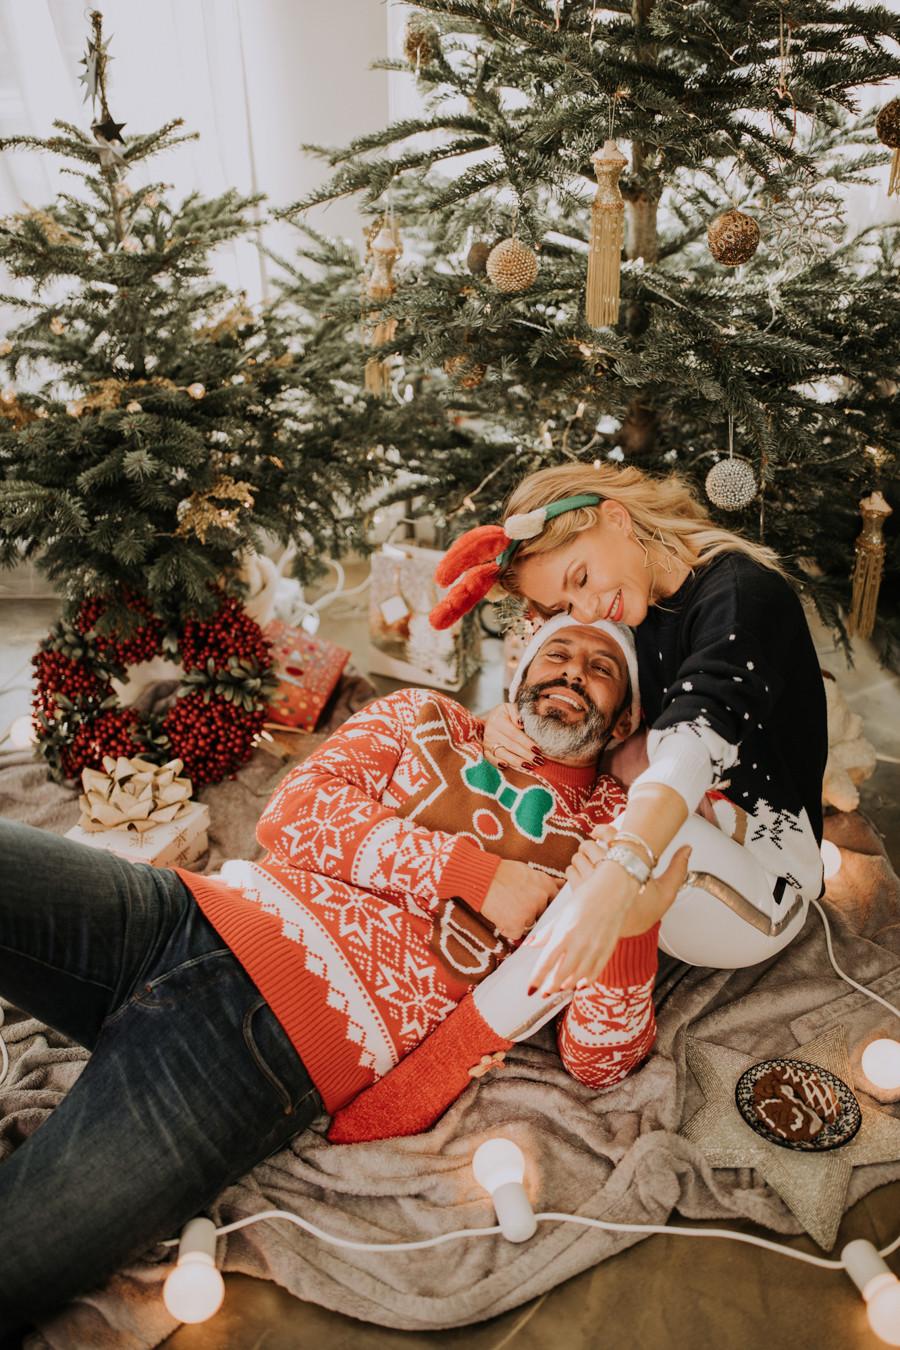 sesja świąteczna, domowa sesja świąteczna, Boże Narodzenie, sesja zdjęciowa, Warszawa, fotograf Warszawa, sesja narzeczeńska Warszawa, sesja zdjęciowa w domu, Ewa Szabatin, Ewa Szabatin związek, Ewa Szabatin z mężem